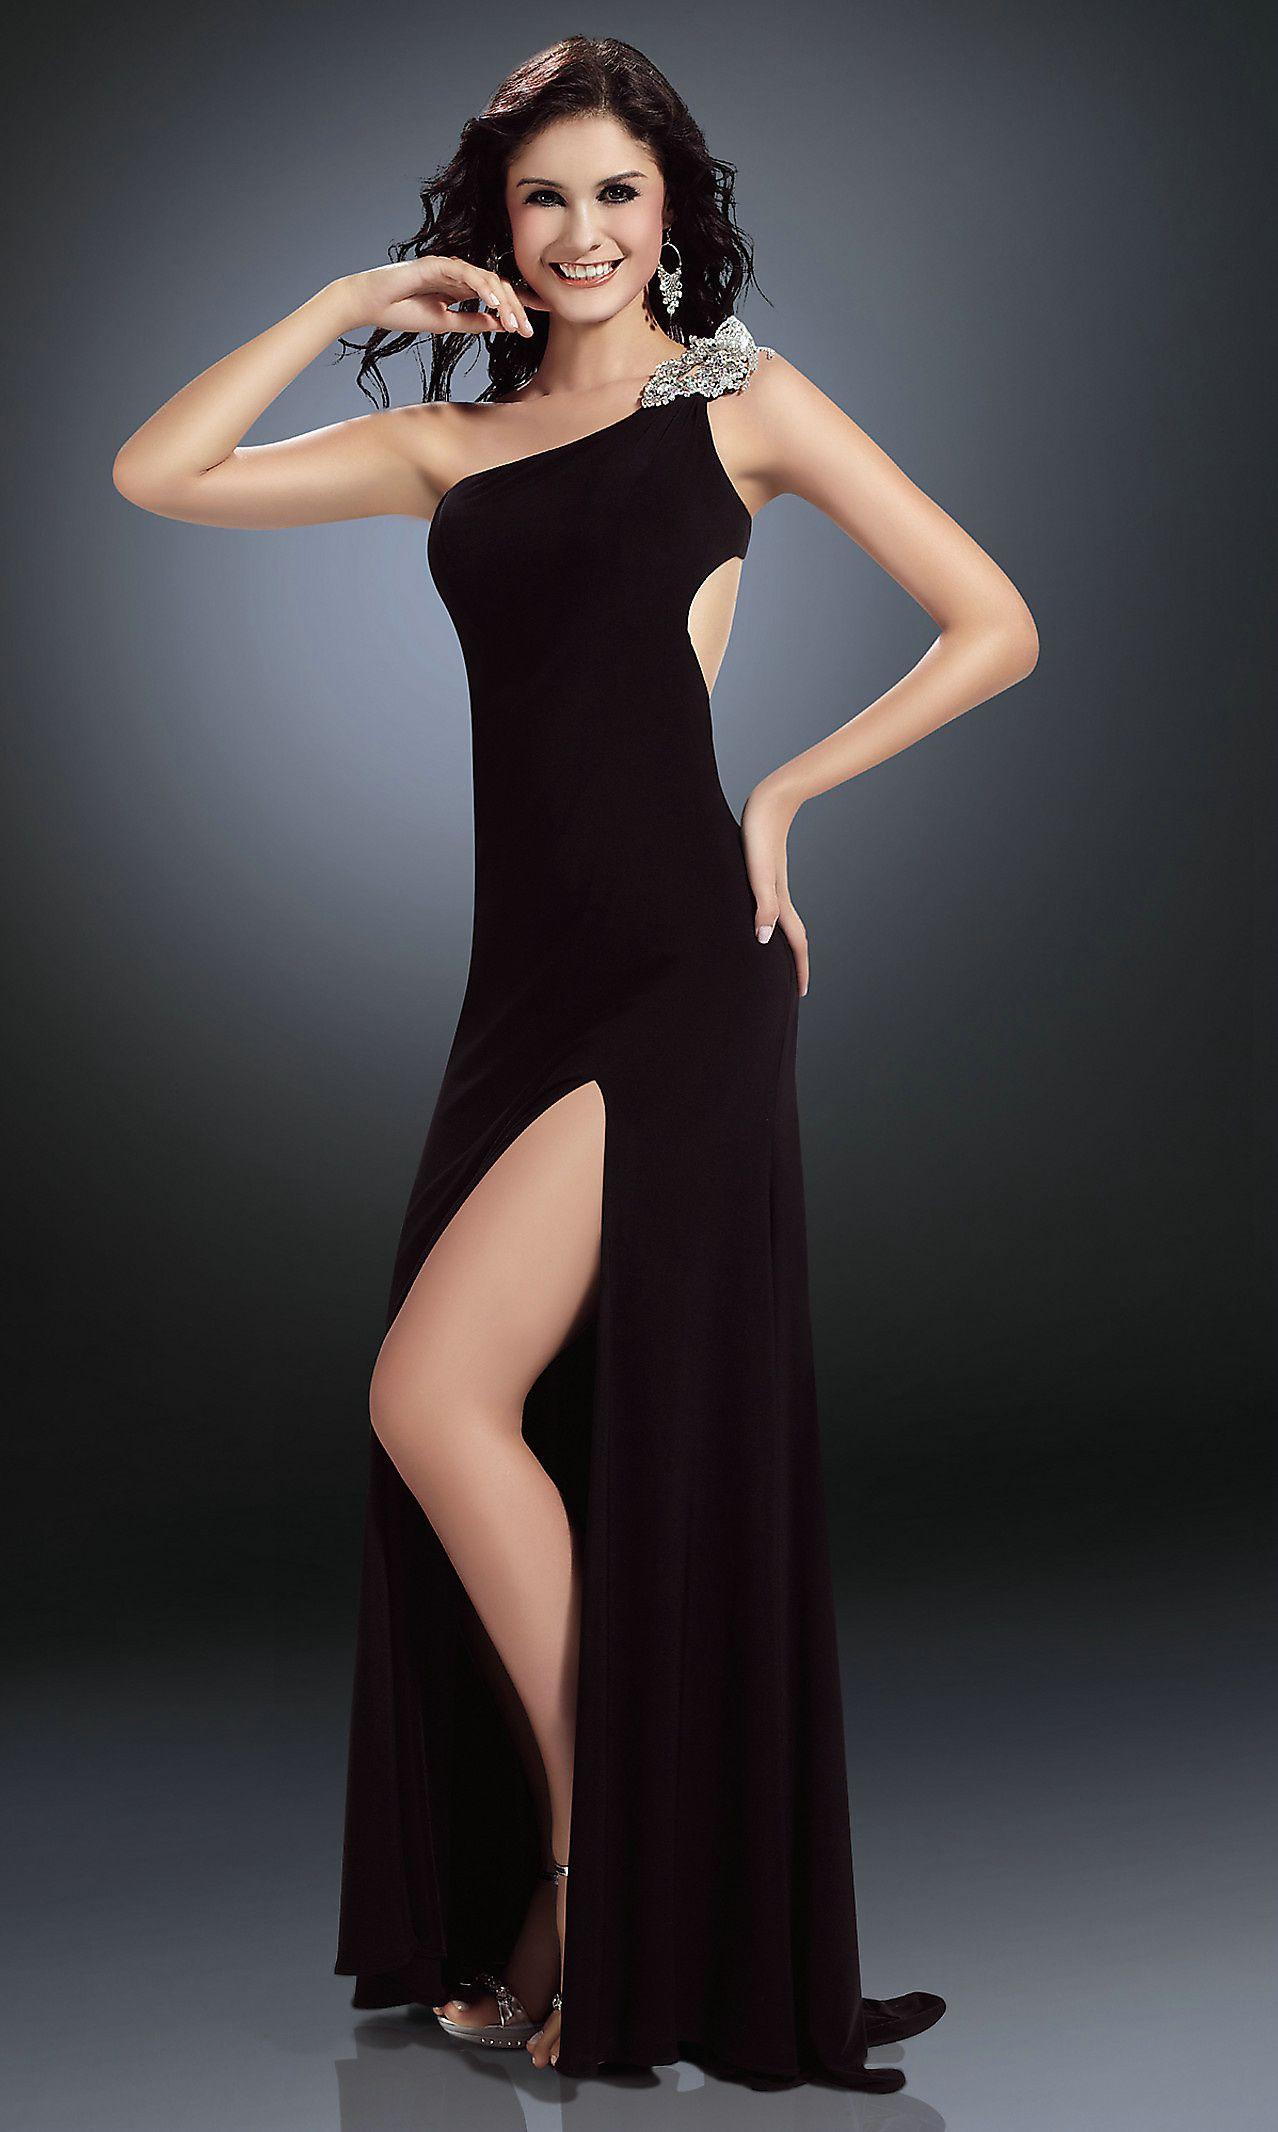 30 Black Prom Dresses Ideas to Look Like Celebrities | Black love ...